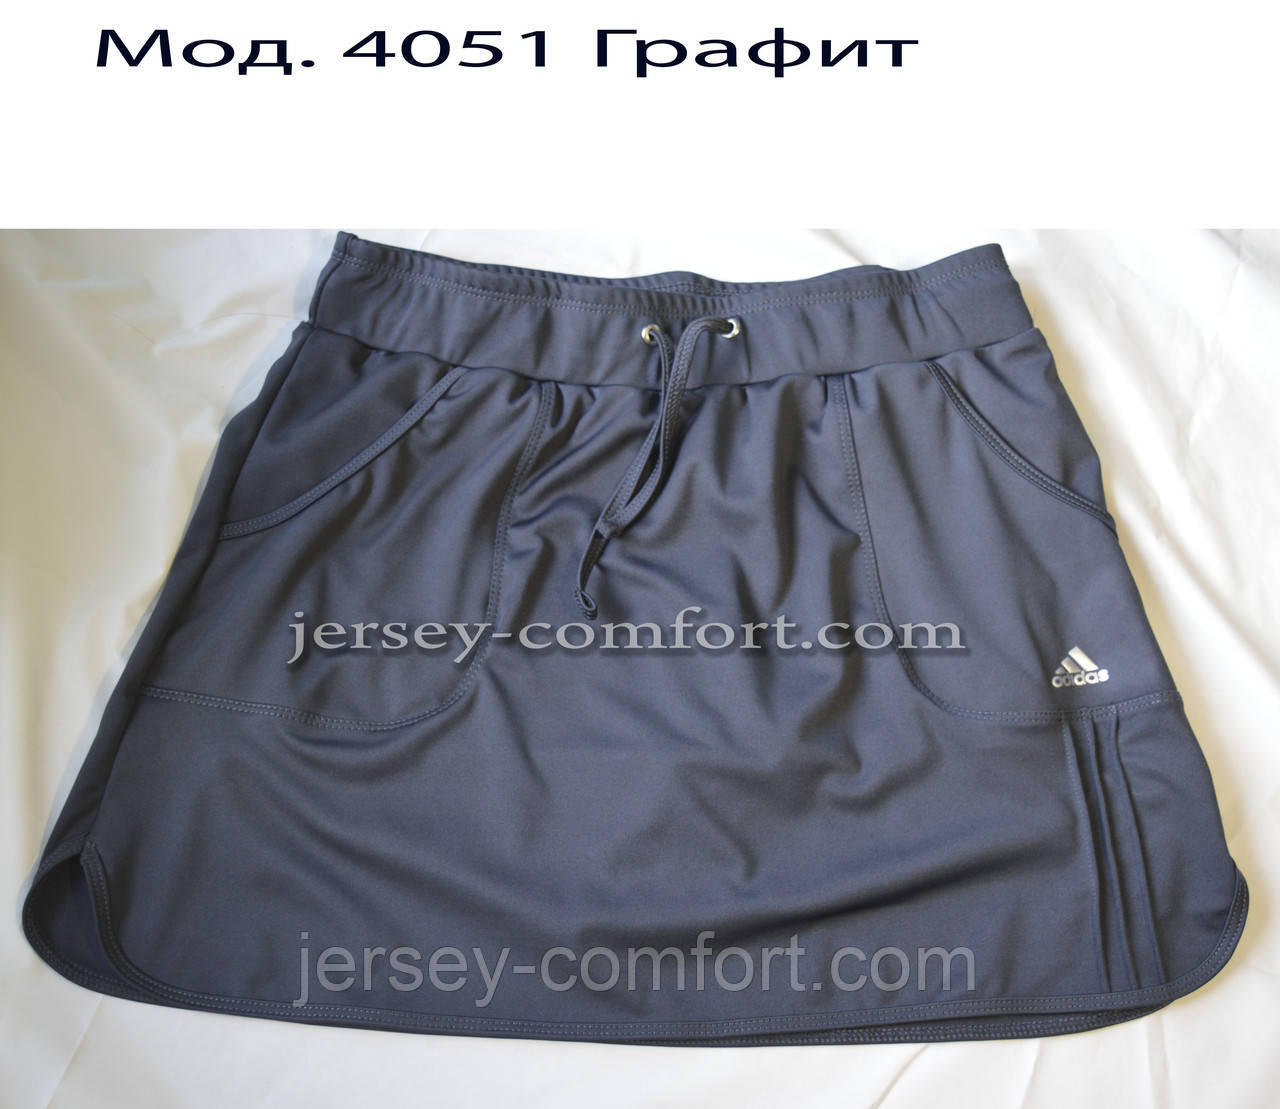 Юбка с шортами.Юбка -шорты женская эластан.  Юбка для тенниса. Юбка спортивная серая.